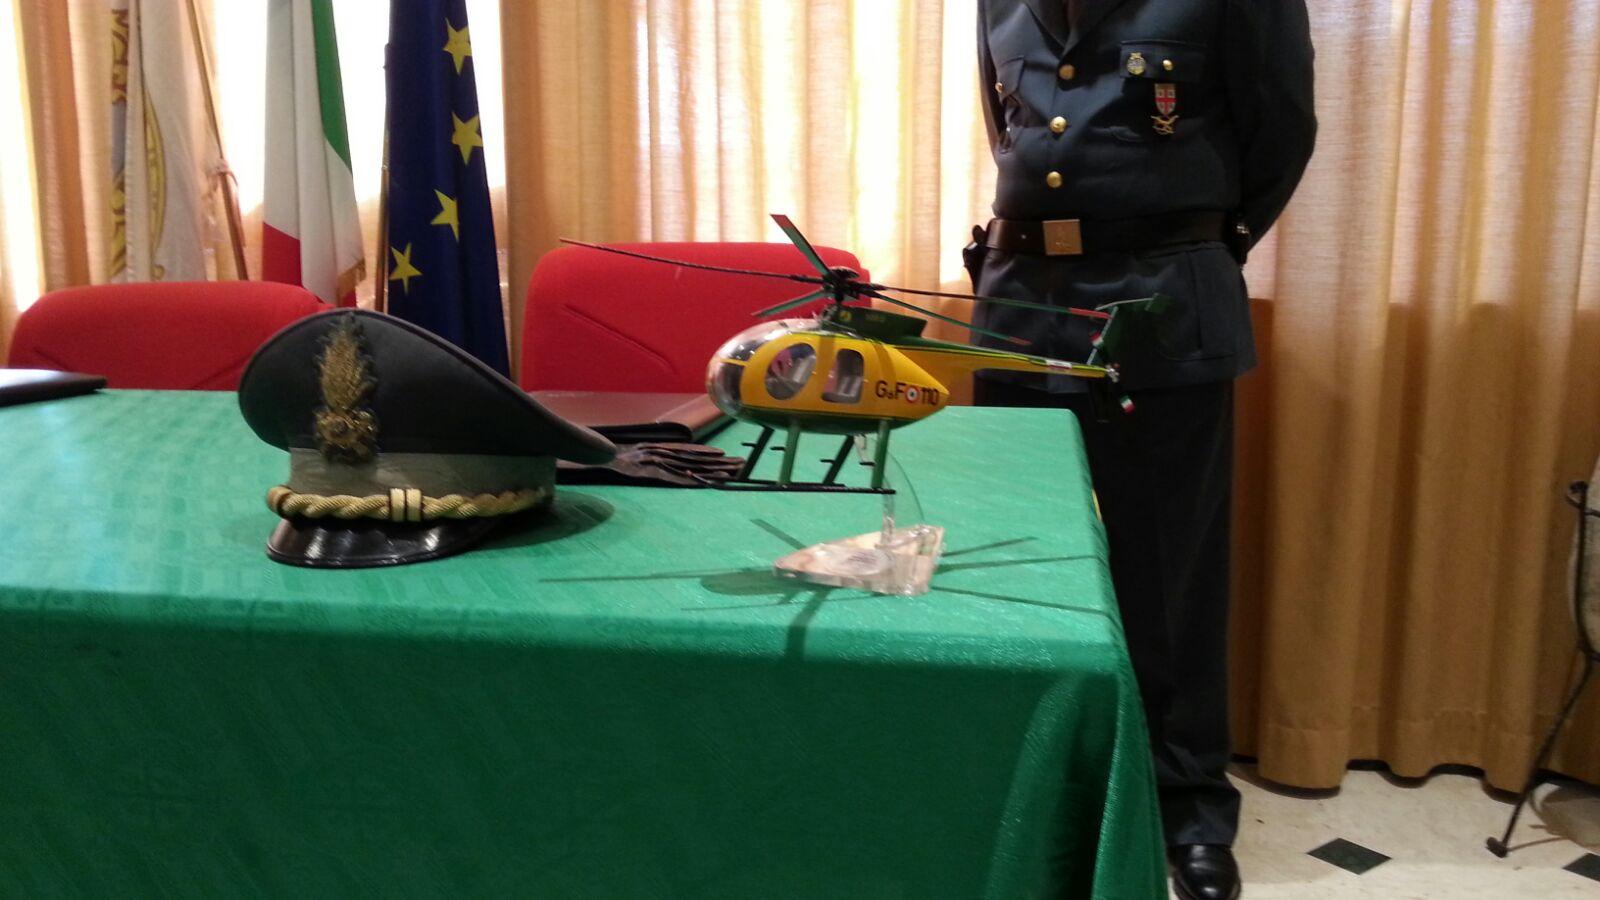 Elicottero Quarto : Con un elicottero da mila euro portava cocaina purissima in